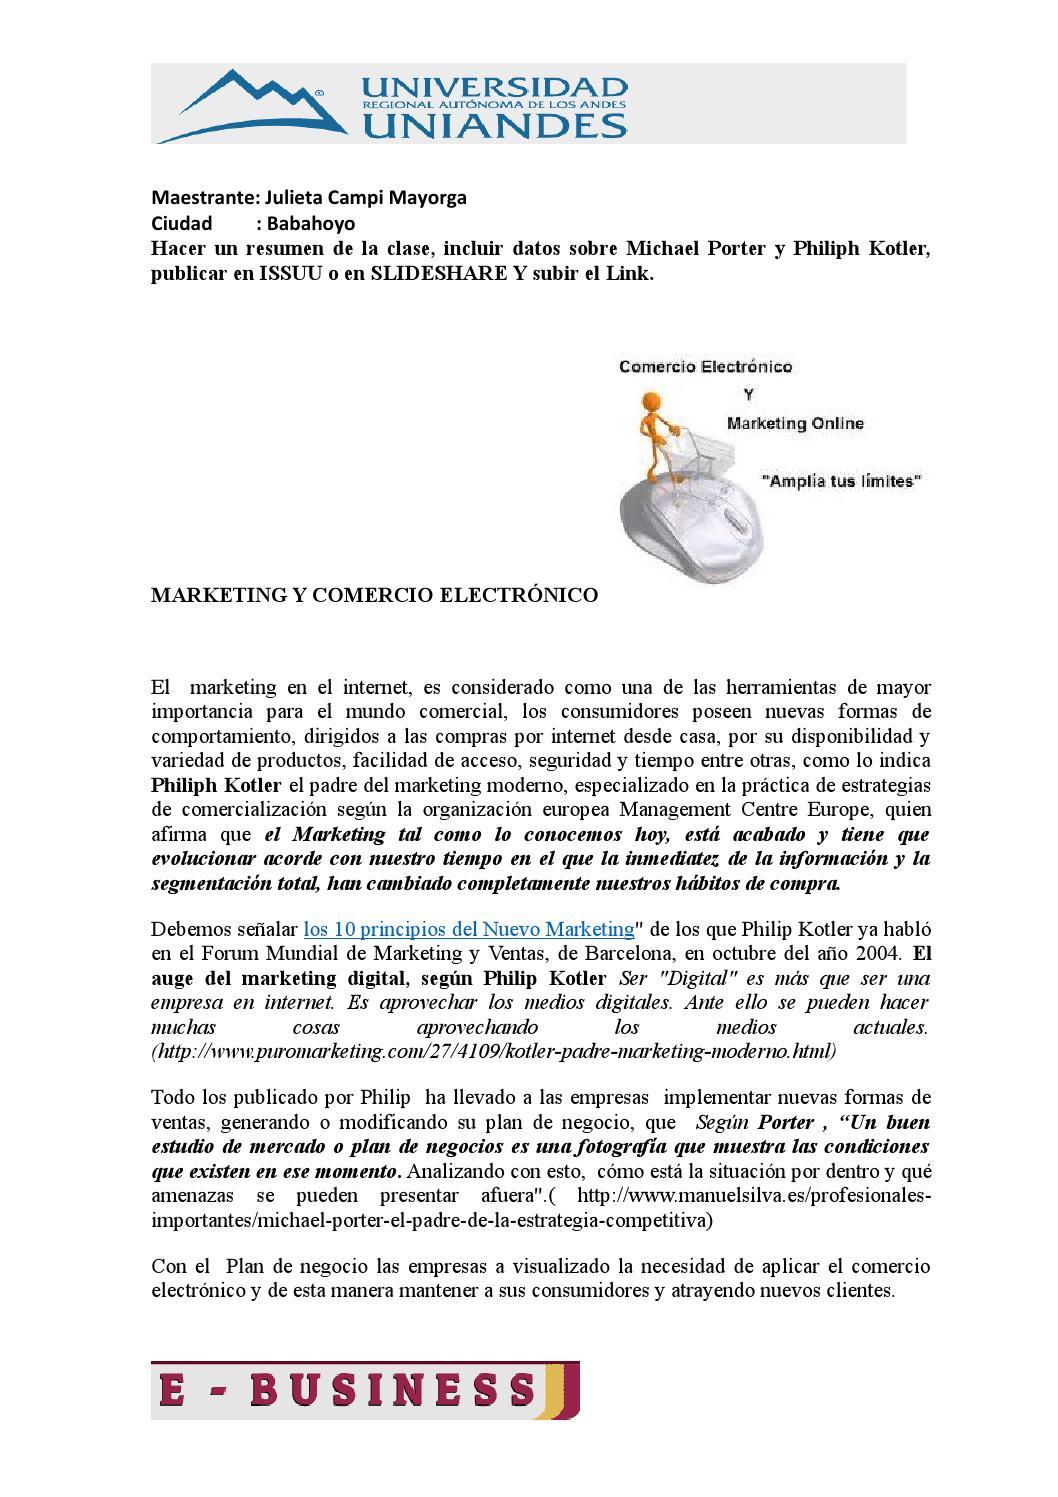 Resumen marketing y comercio electronico by Julieta Campi - issuu